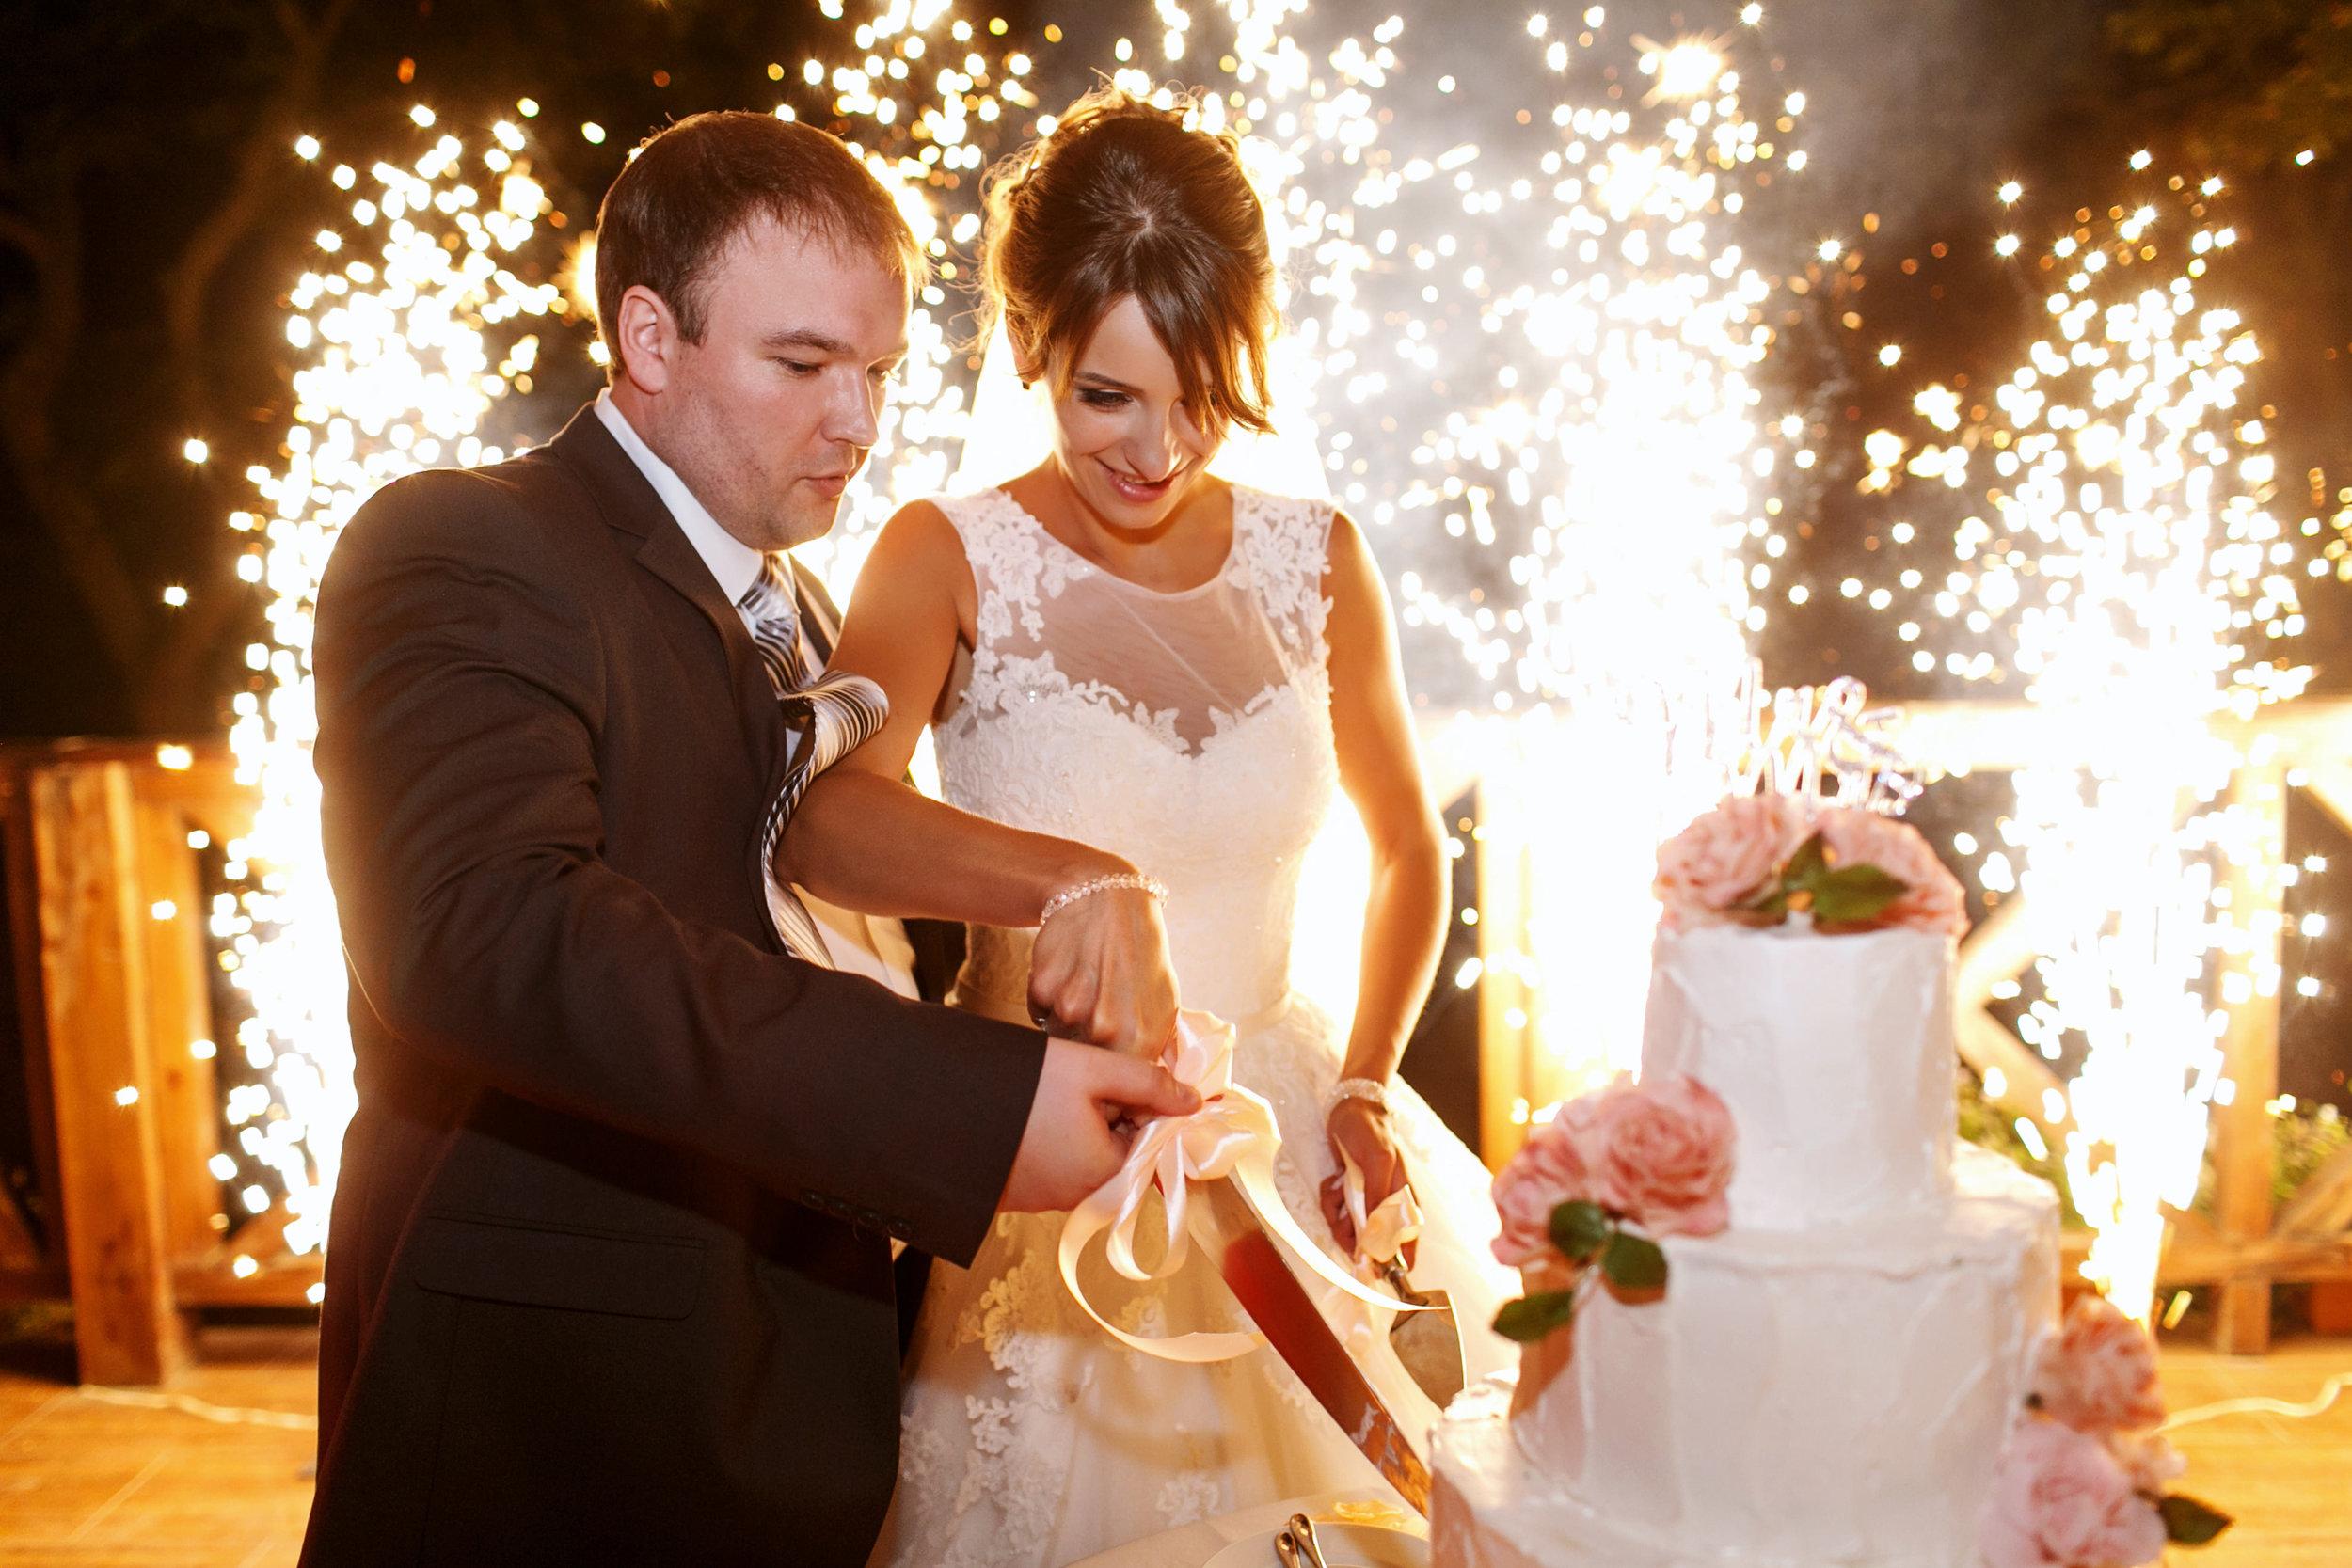 wedding2_379973896.jpg